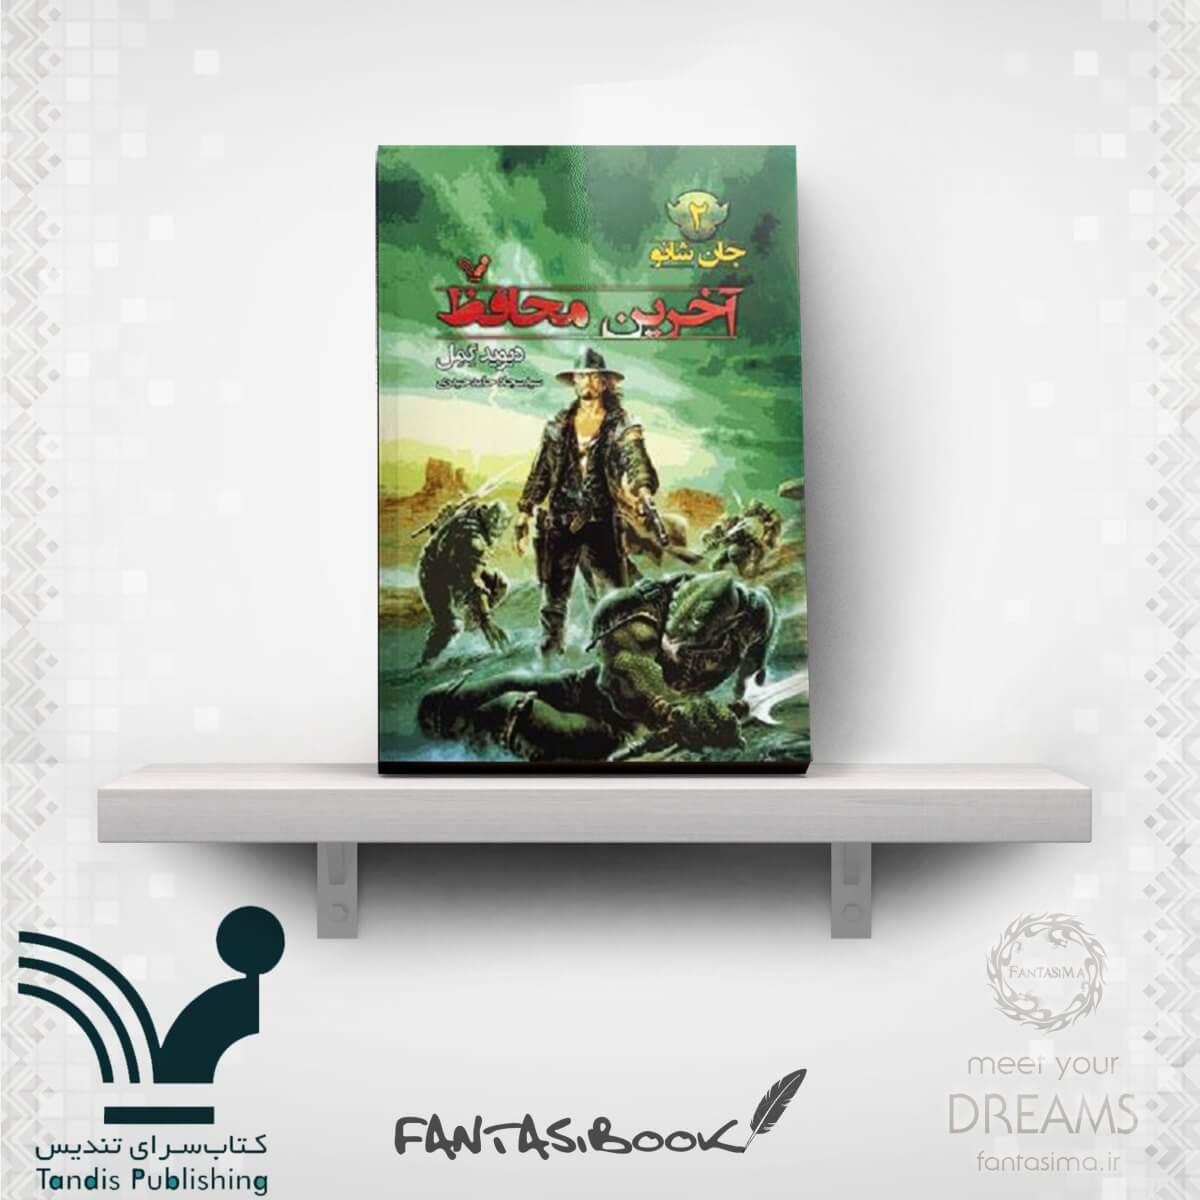 کتاب جان شانو - جلد 2 - آخرین محافظ